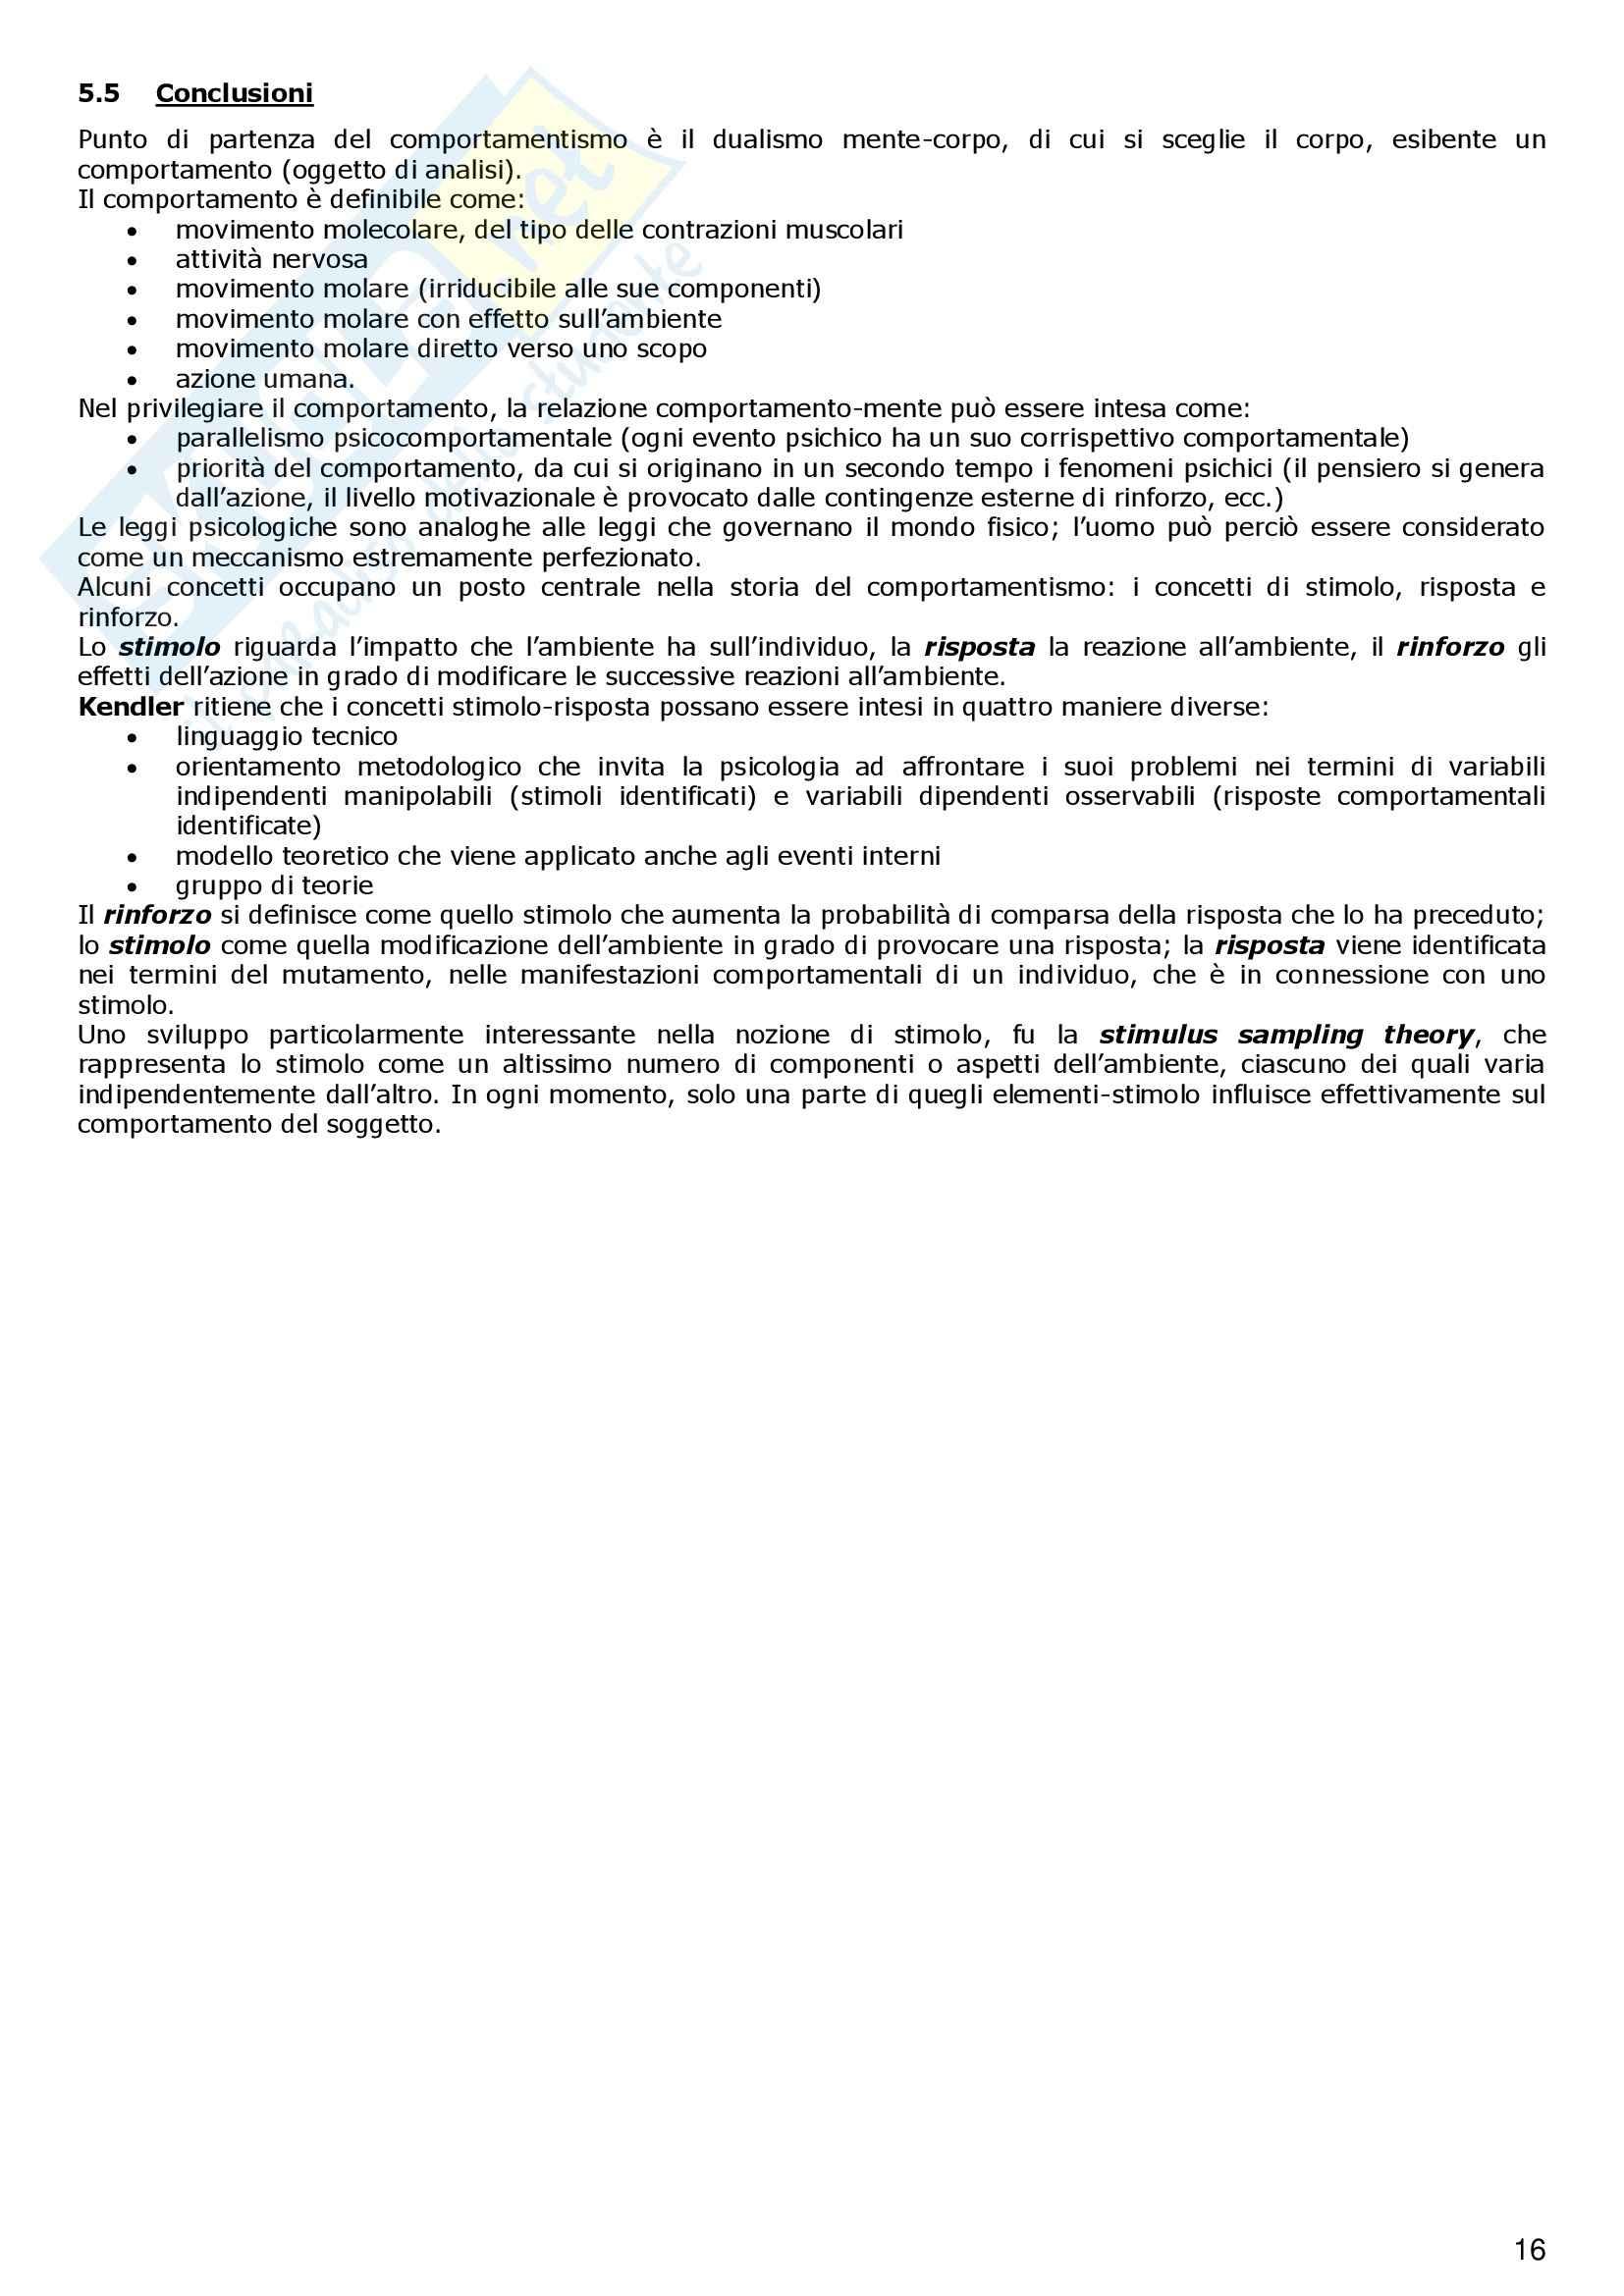 Storia della Psicologia - Appunti Pag. 16